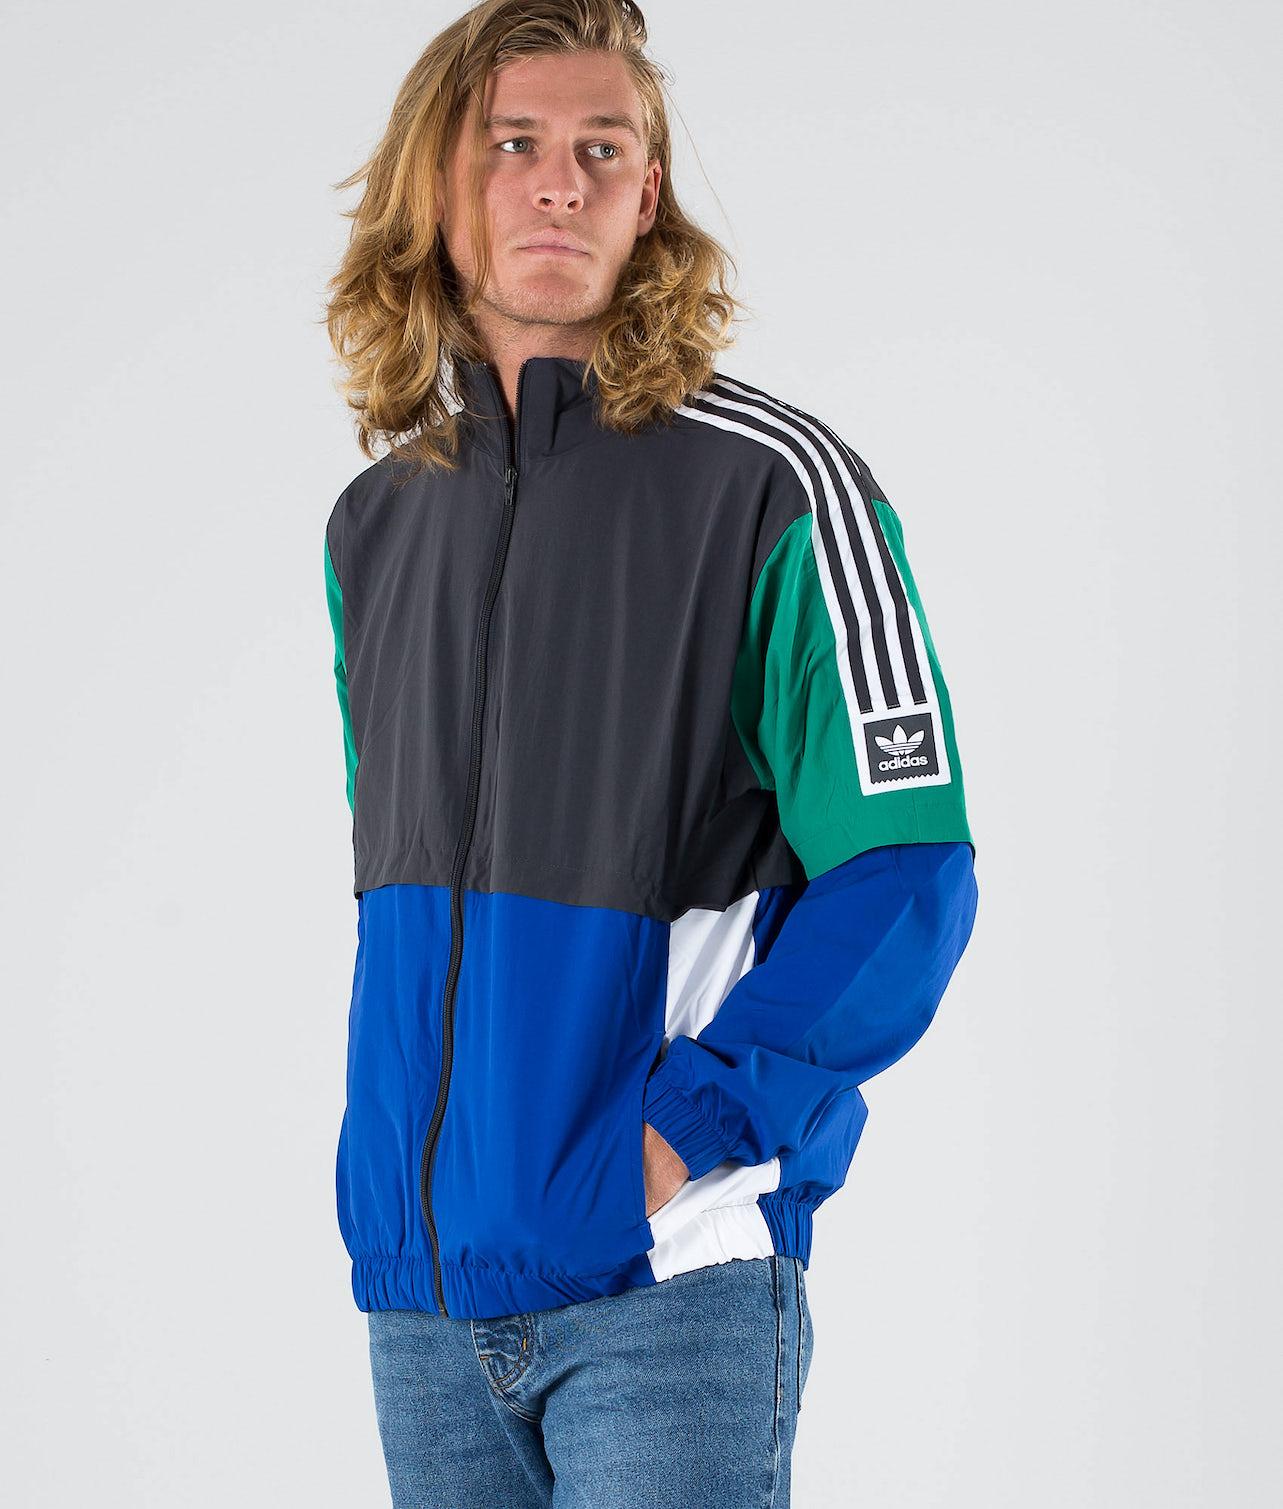 Köp Standard 20 Jacka från Adidas Skateboarding på Ridestore.se Hos oss har du alltid fri frakt, fri retur och 30 dagar öppet köp!